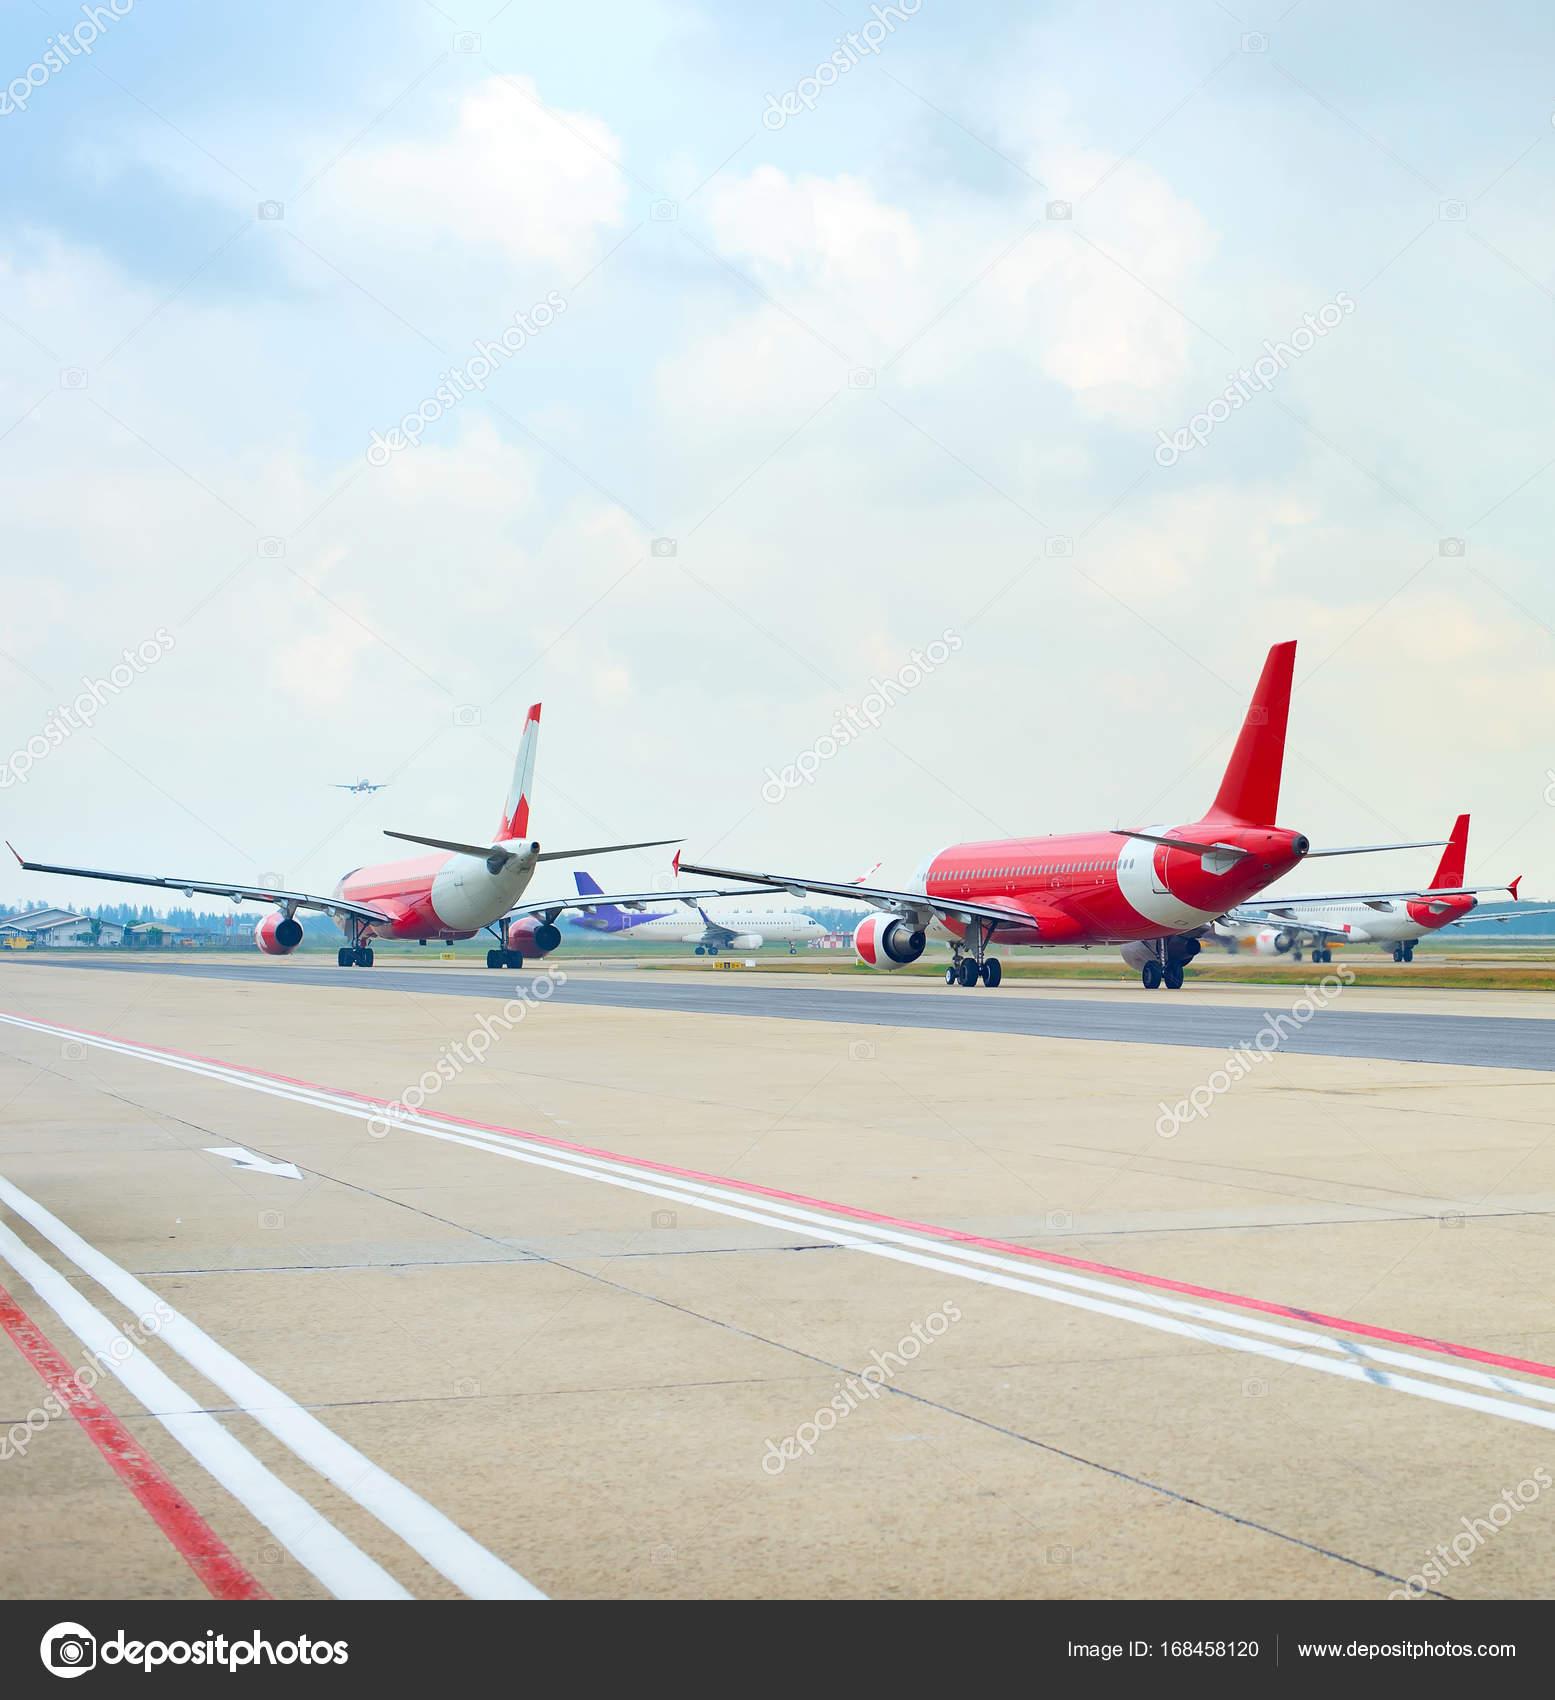 Aeroporto Bali : Pista de aeroporto cheia de aviões u fotografia de stock editorial